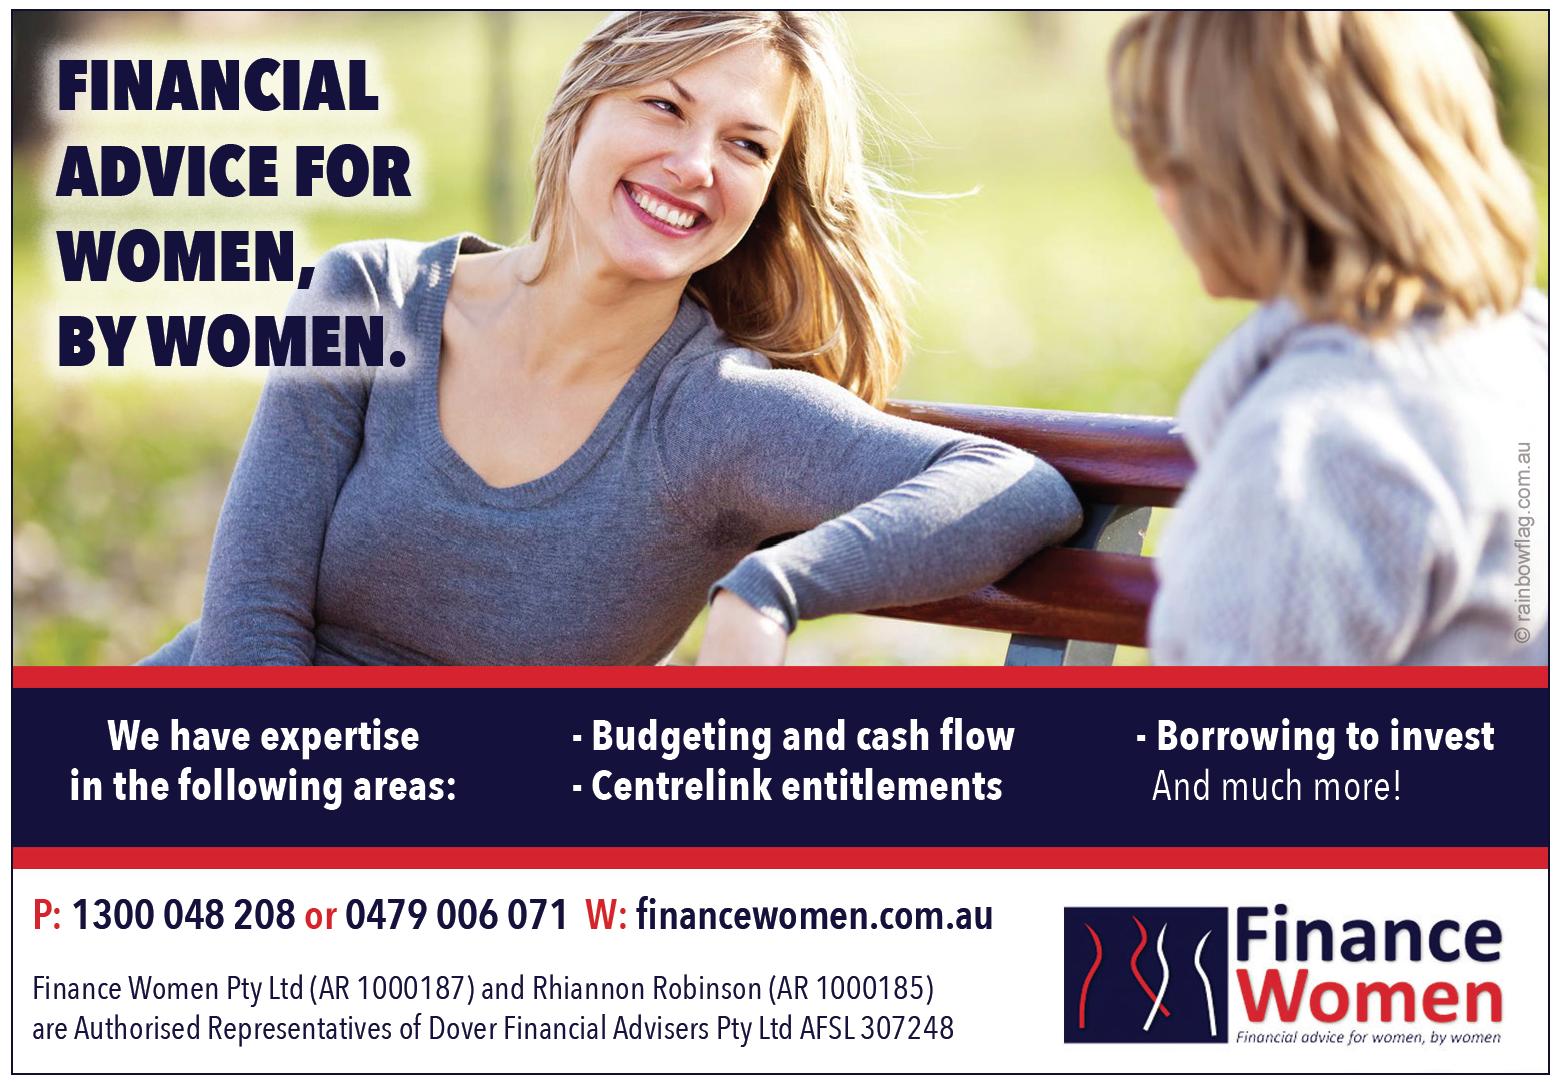 Finance Women